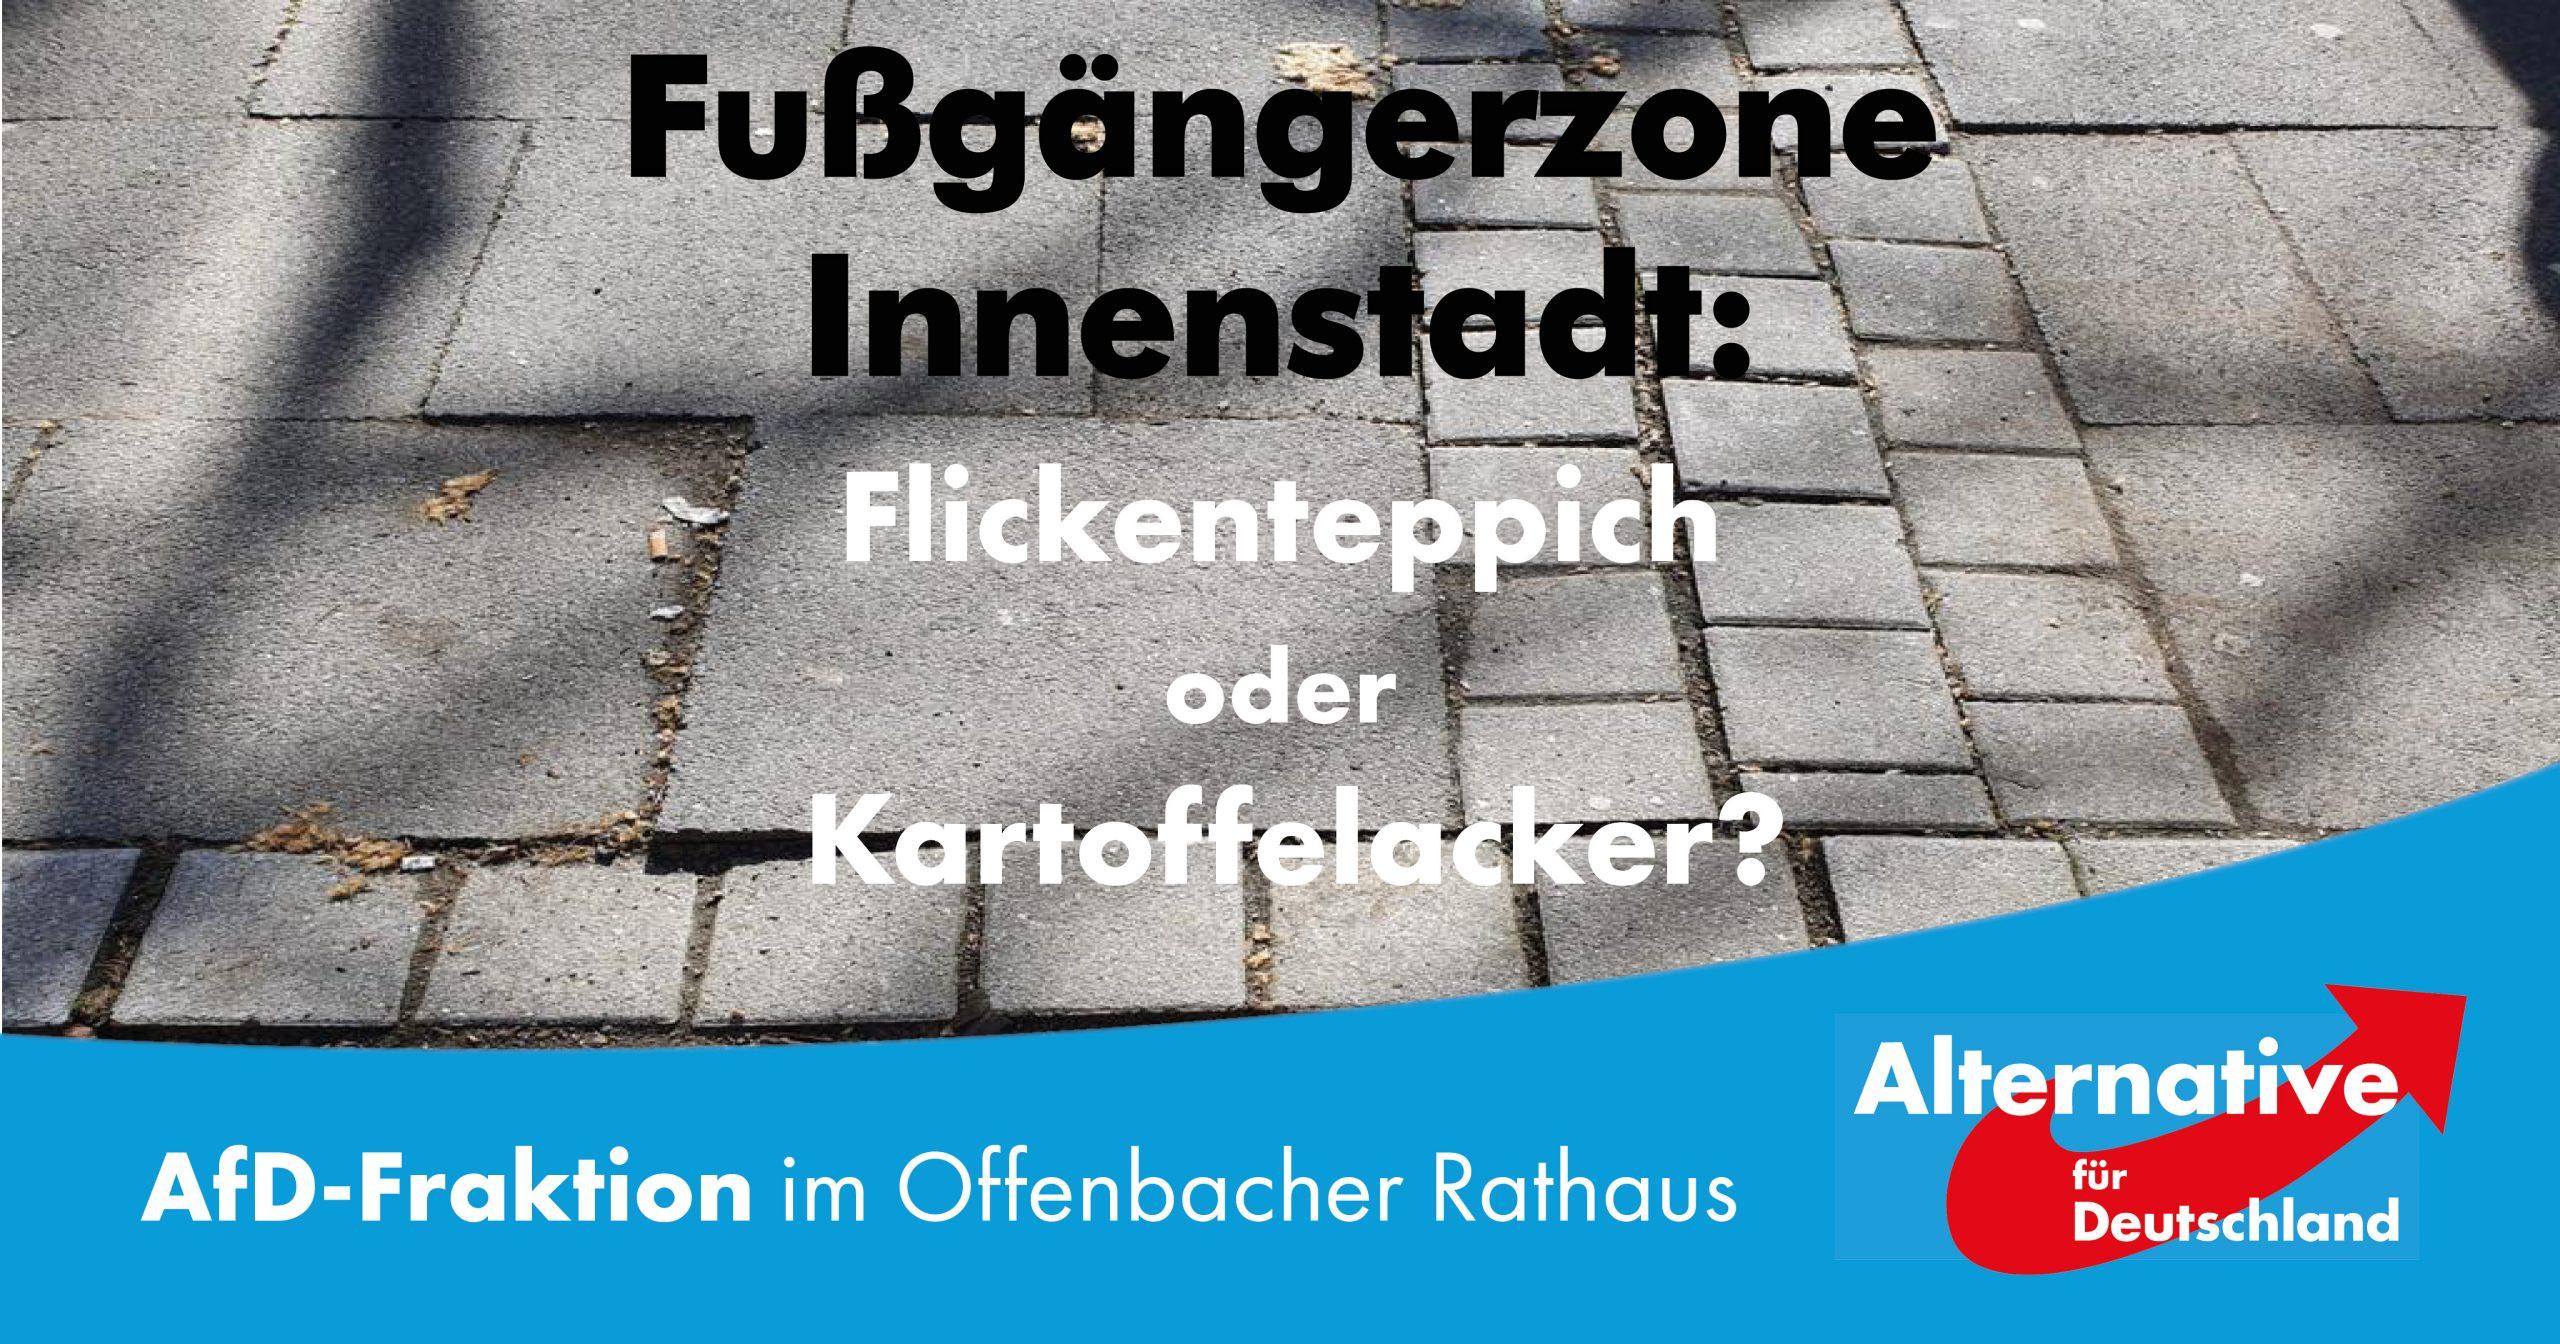 Read more about the article Fußgängerzone Innenstadt: Flickenteppich oder Kartoffelacker?